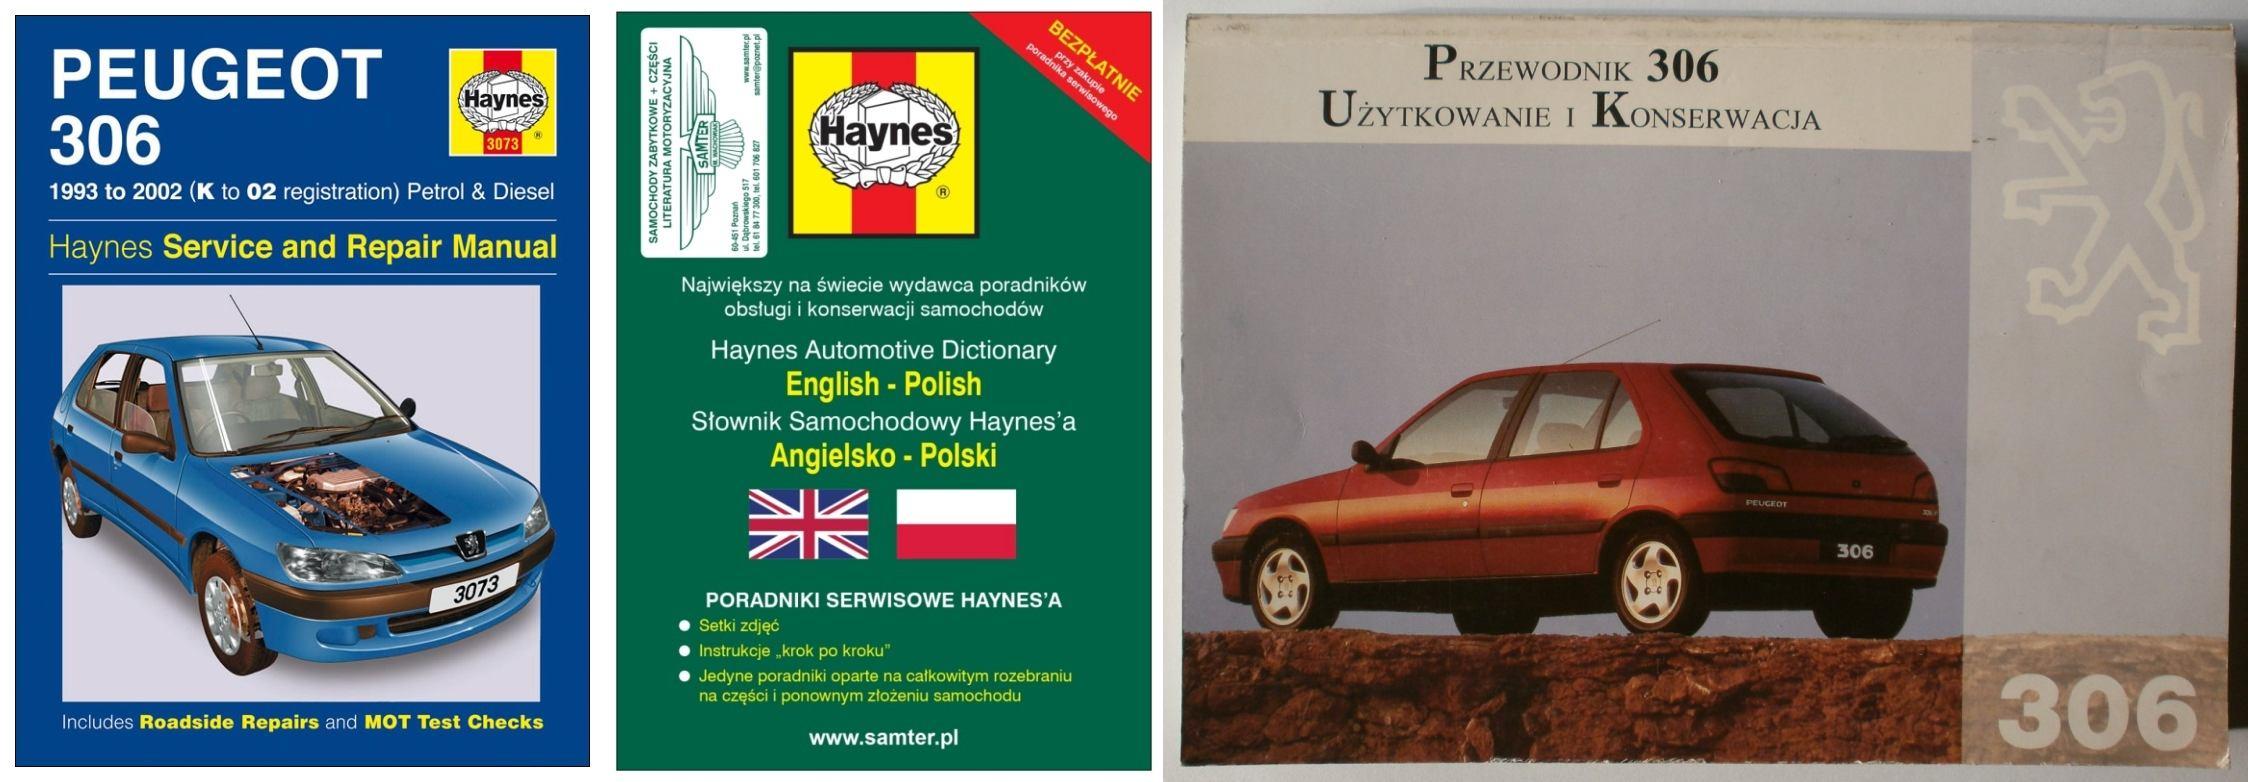 K to 02 Workshop Manual 1993-2002 3073 PEUGEOT 306 Petrol and Diesel